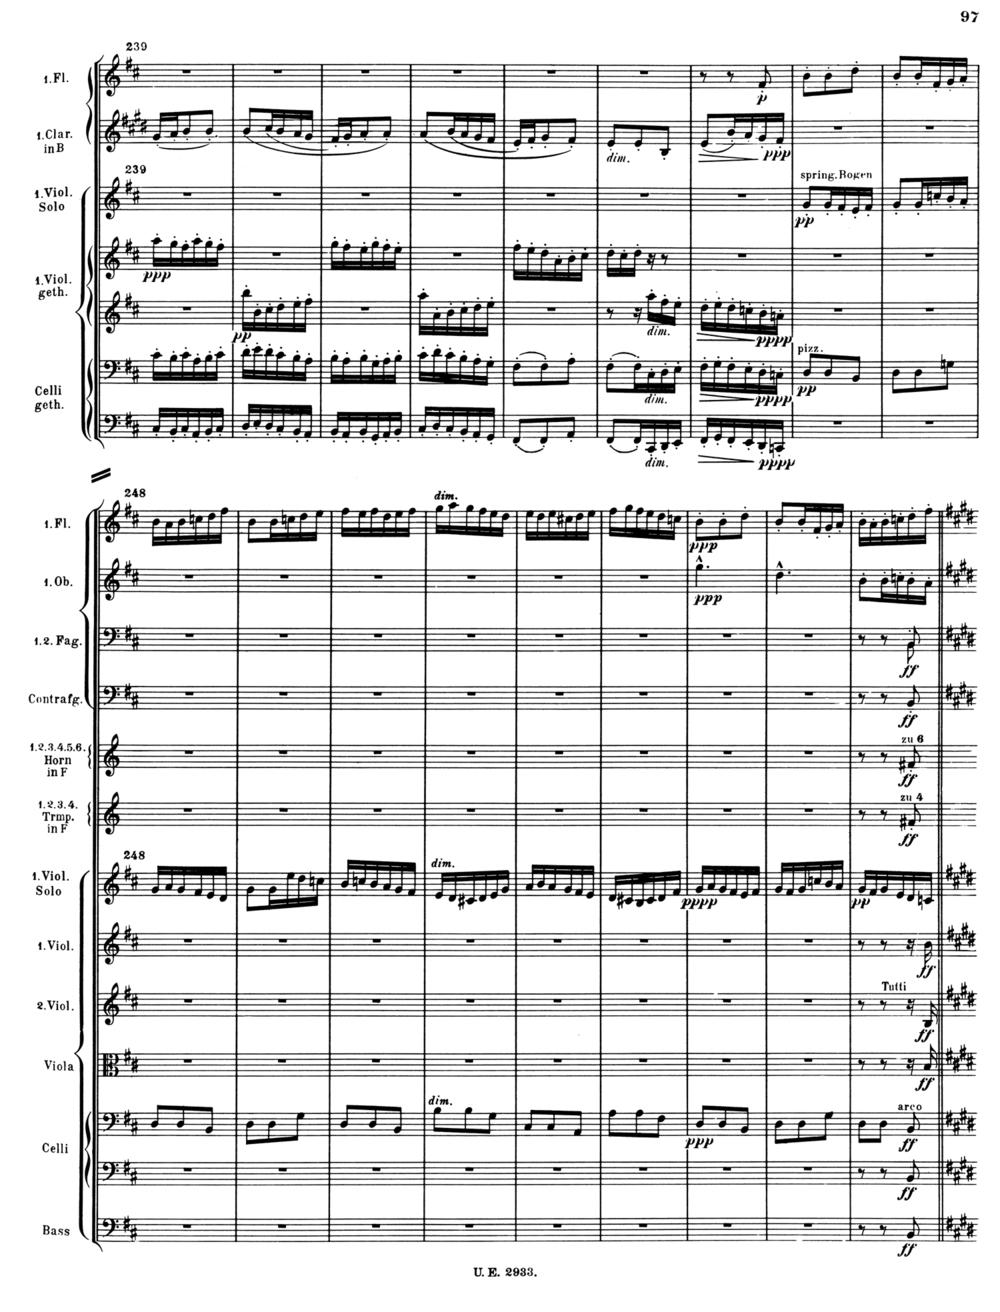 Mahler 2 Score 4.jpg